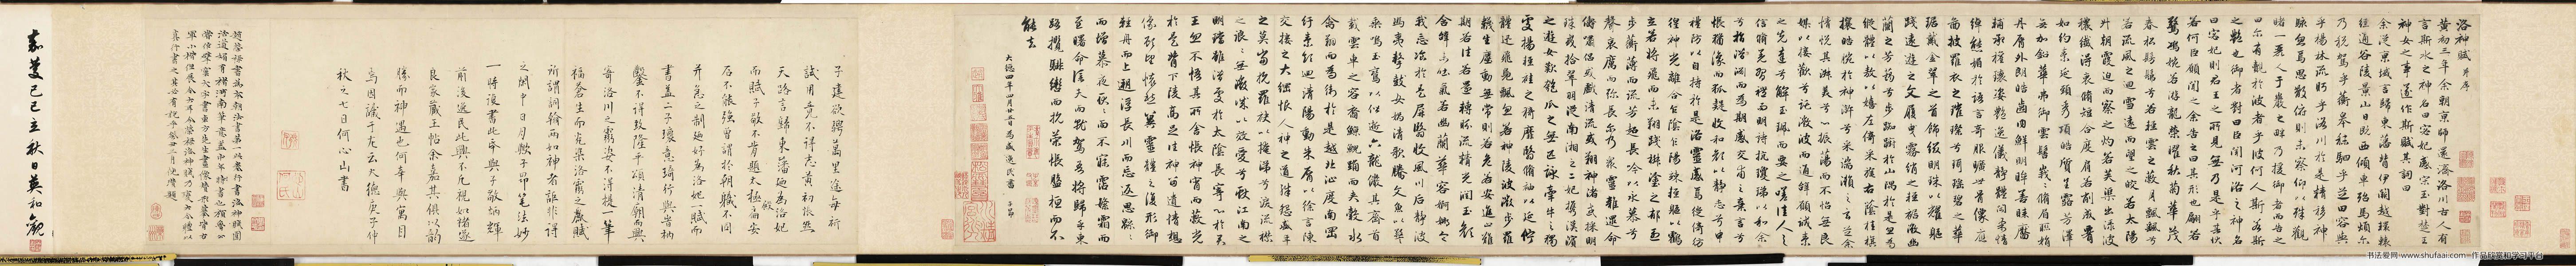 赵孟頫\为盛逸民书写的《洛神赋》行楷书长卷高清